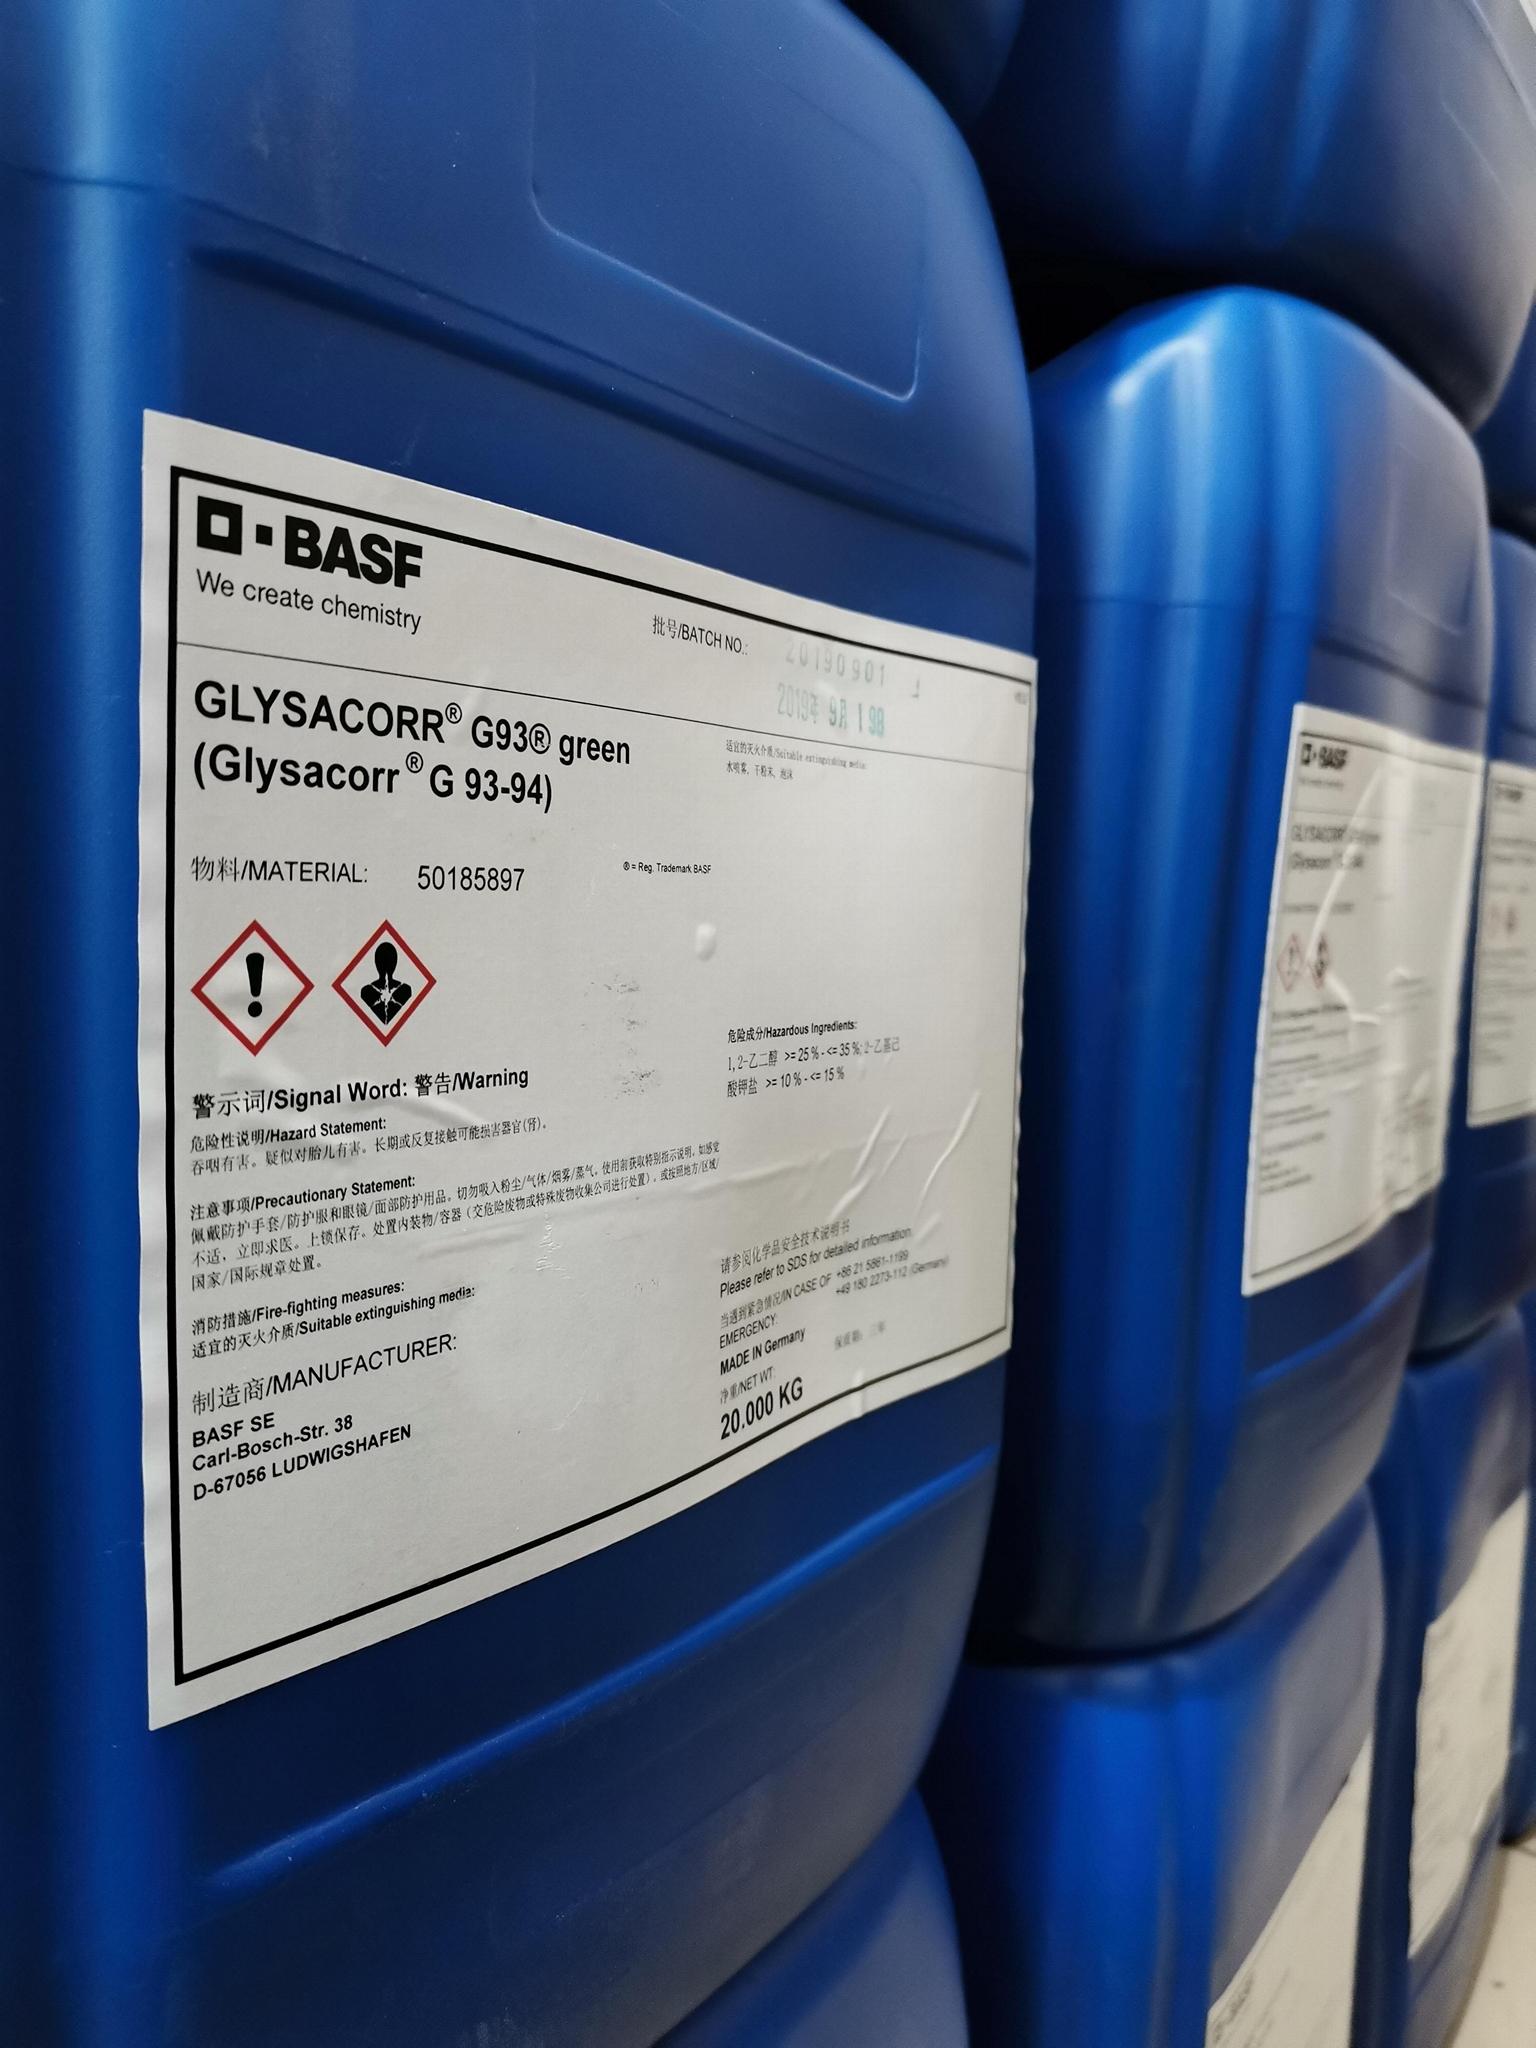 GLYSACORR G93 green丨BASF Glysacorr G93-94防腐剂新标签